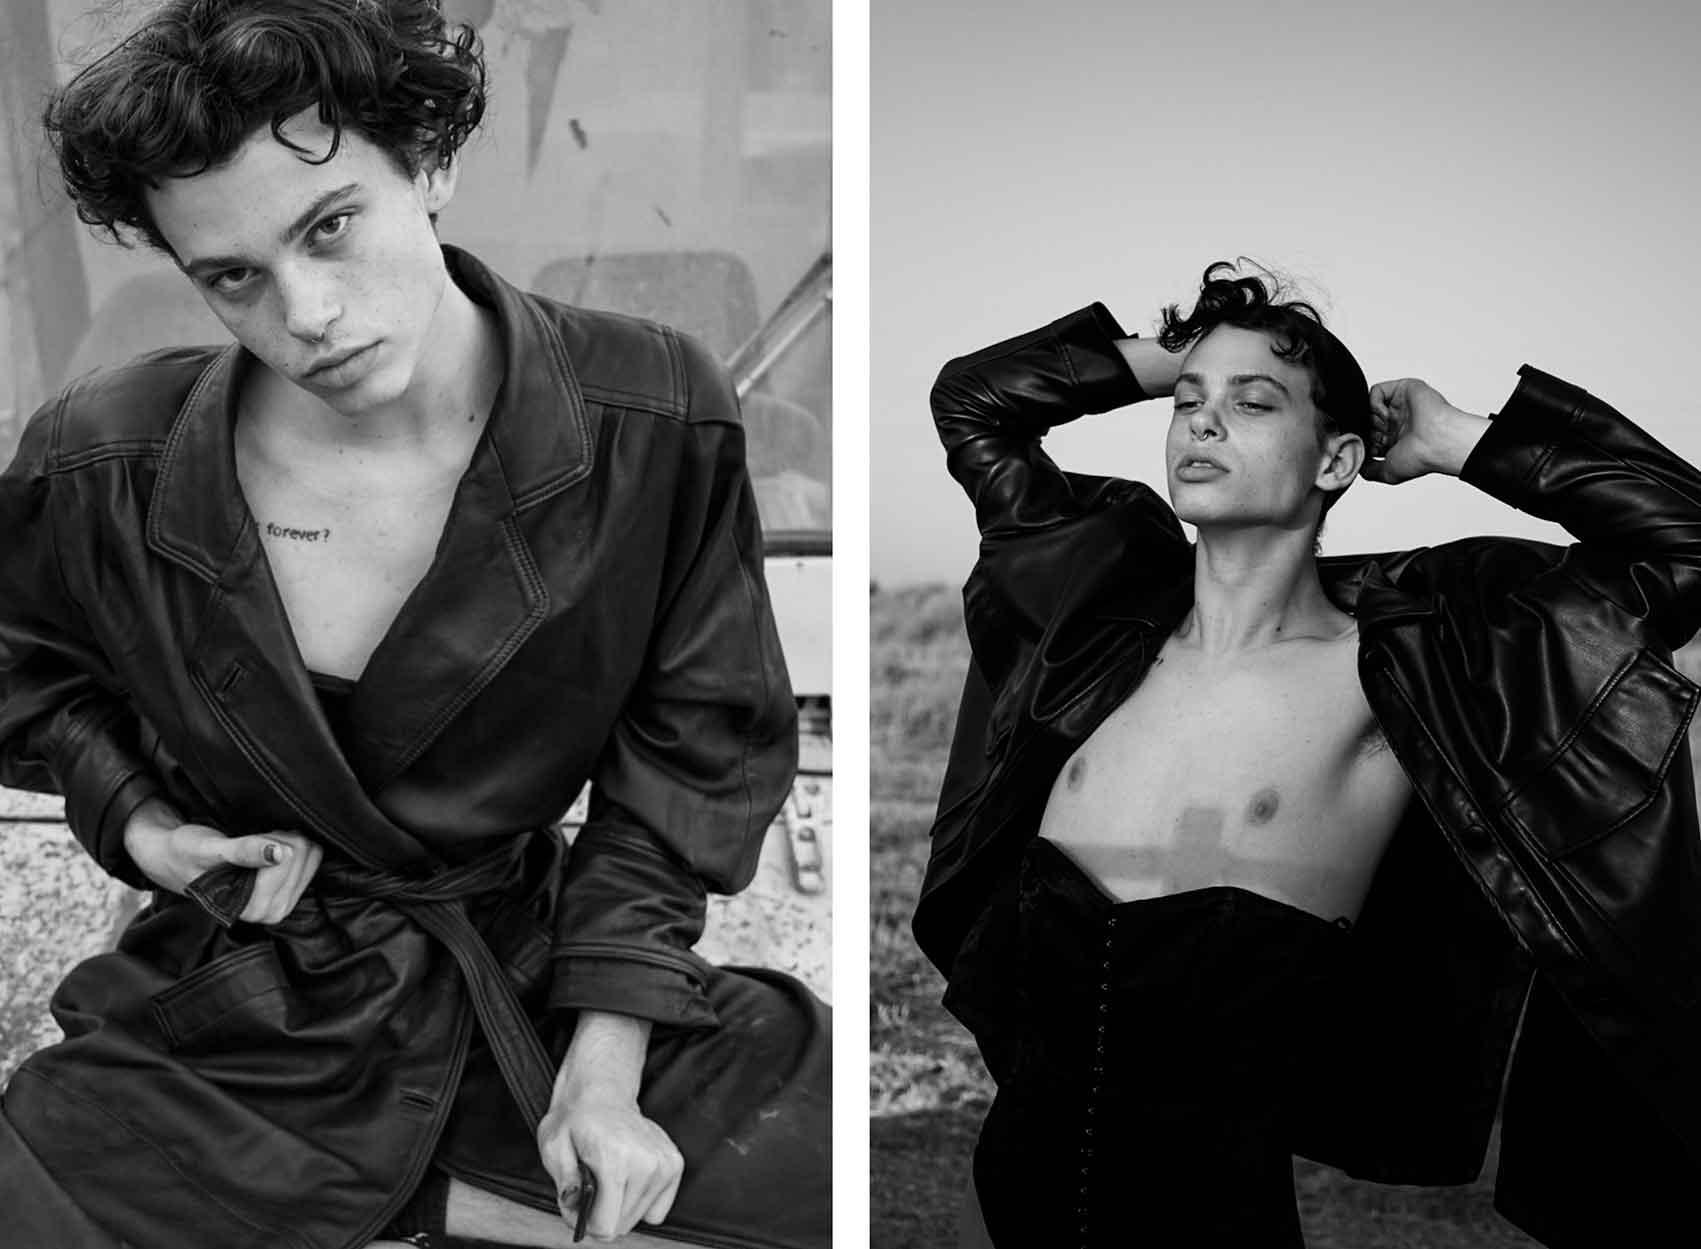 מגזין-אופנה-Boy-George-אופנה-Uri-Hashin-אופנת-נשים